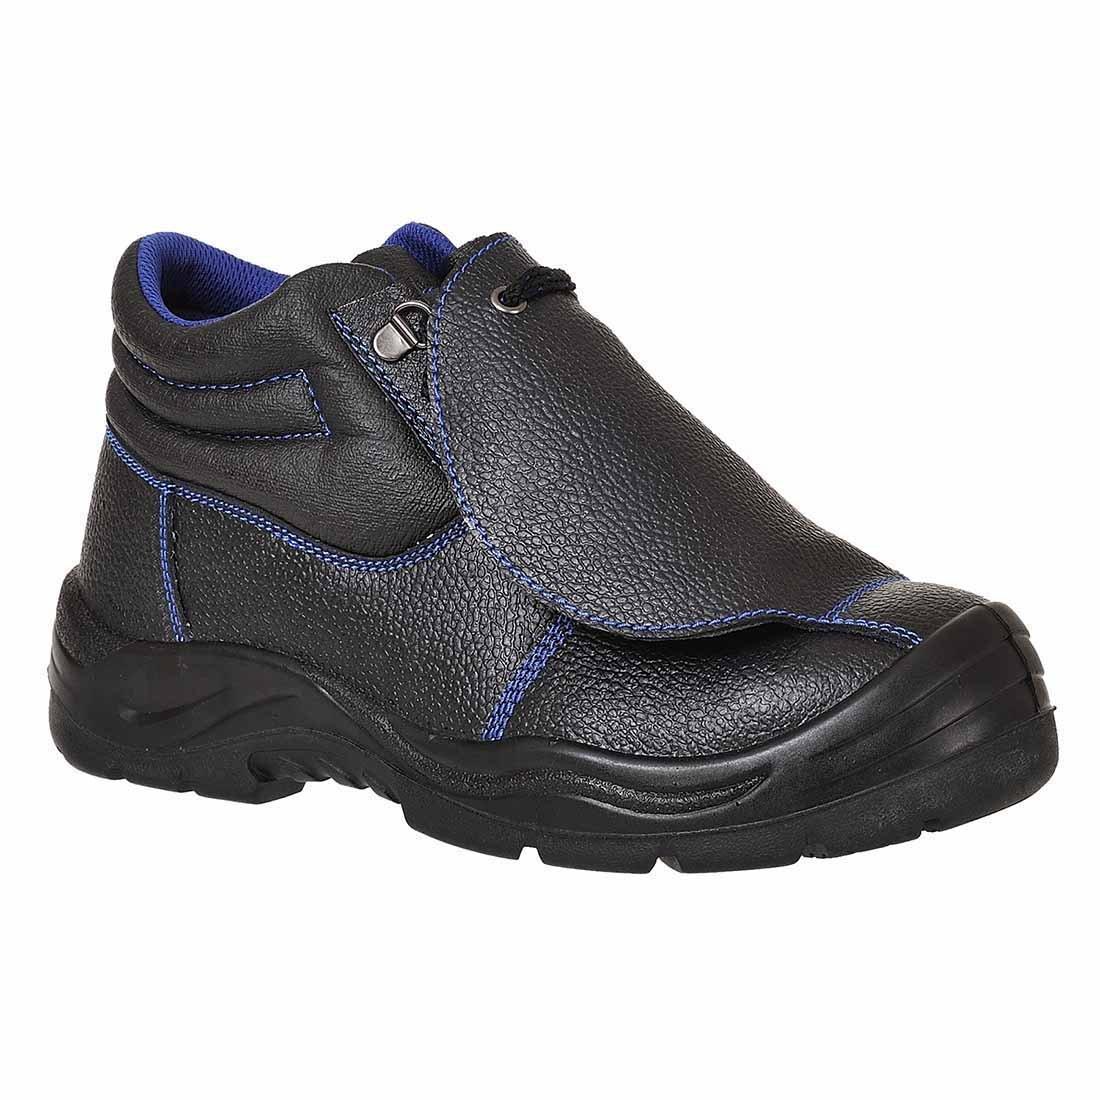 Portwest FW22 – Chaussures Taille de FW22 sécurité Steelite Metatarsal 19715 Taille 45 Noir/ Bleu b3d3846 - therethere.space